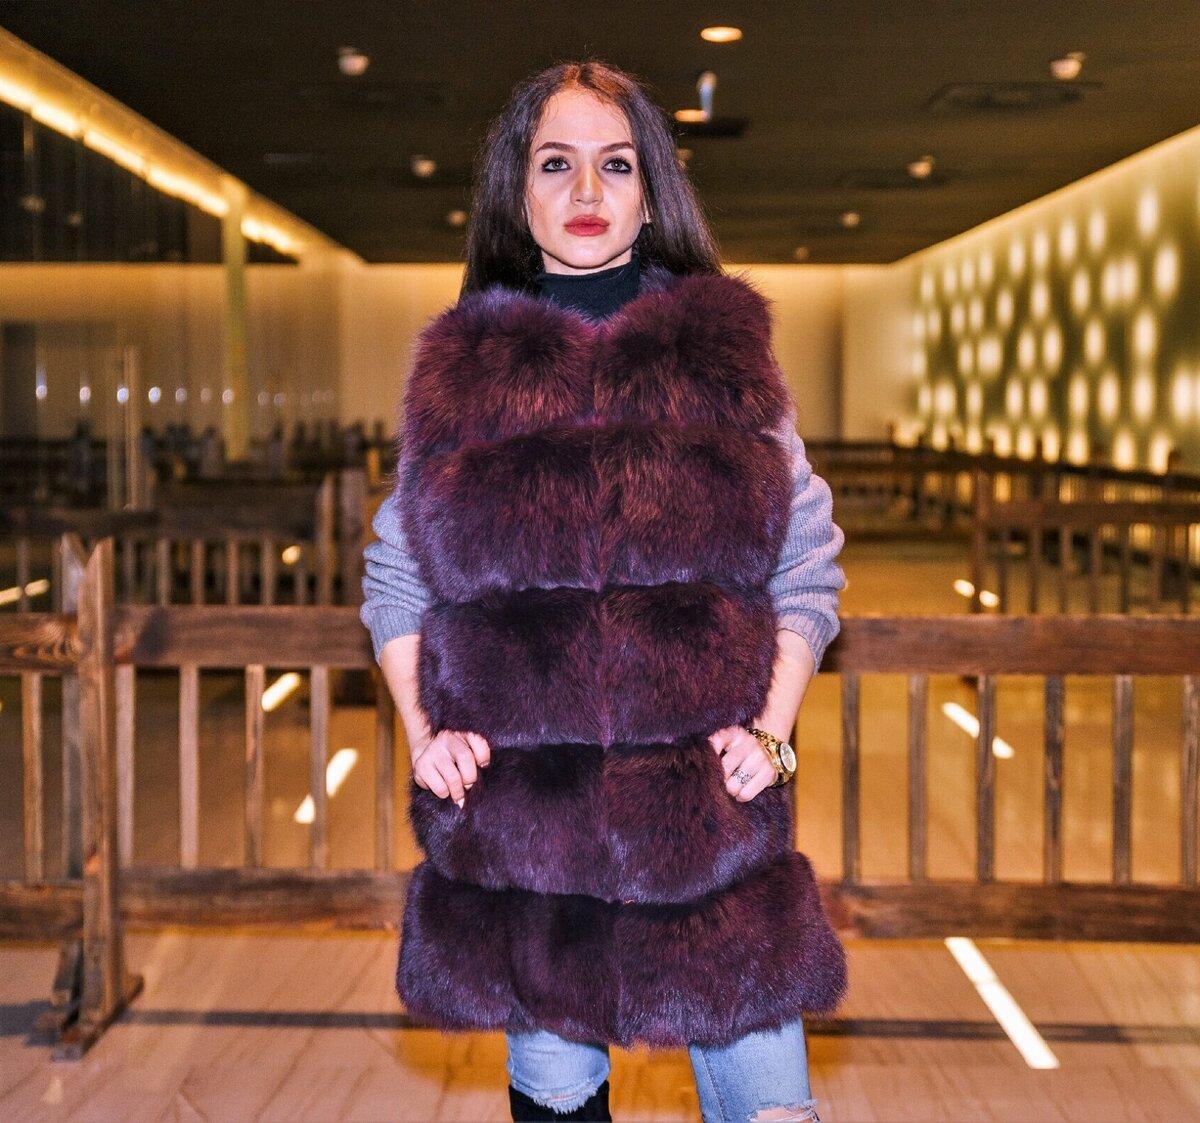 Зимний провал: 3 вещи, которые не наденет элегантная женщина, и достойные альтернативы